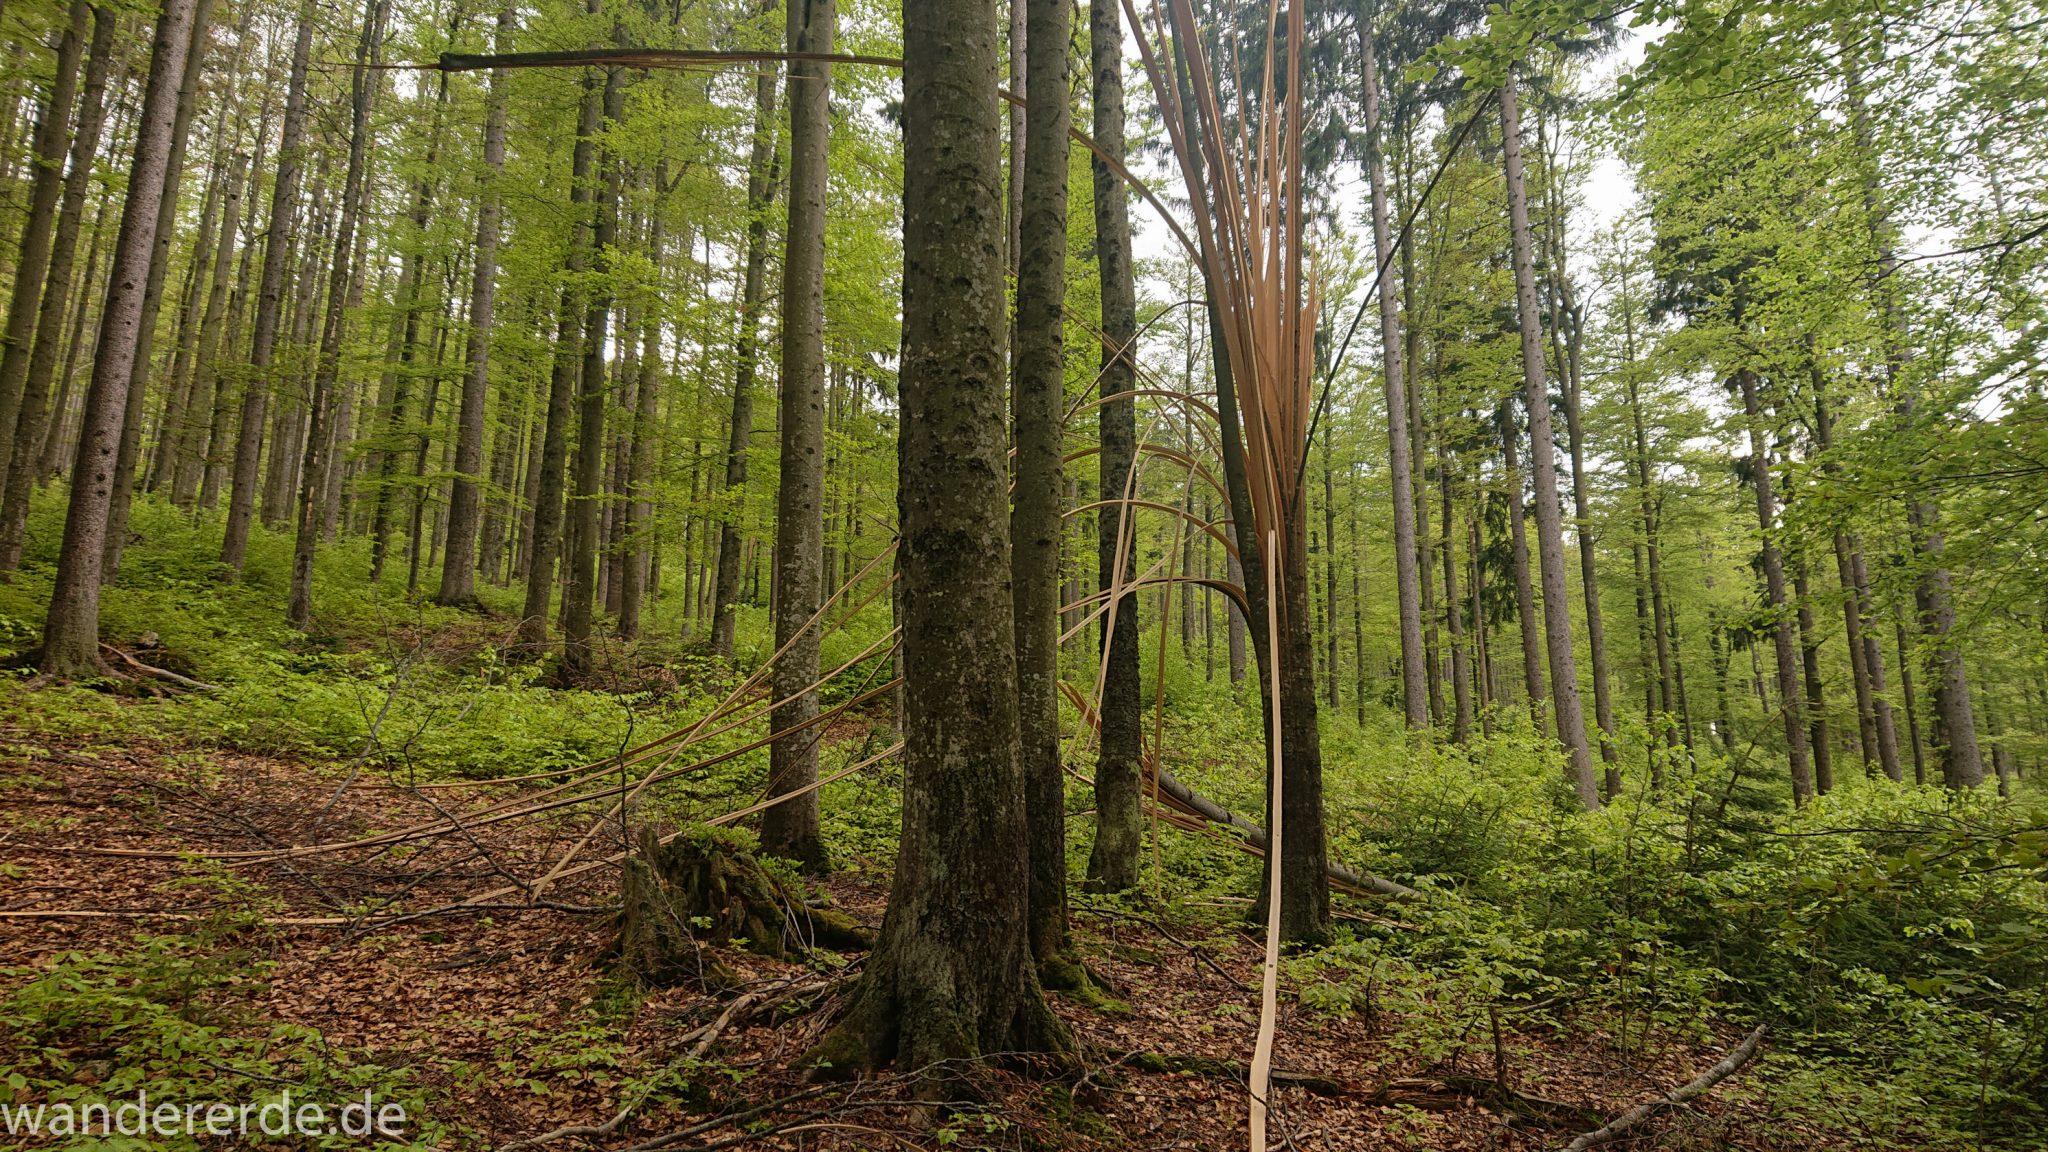 Wanderung Großer Rachel im Nationalpark Bayerischer Wald, Start Parkplatz Oberfrauenau, toller naturbelassener Wanderweg mit kühlendem Schatten, schöner dichter Wald, Kunstwerk auf zersplittertem Baum, Frühjahr im bayerischen Wald